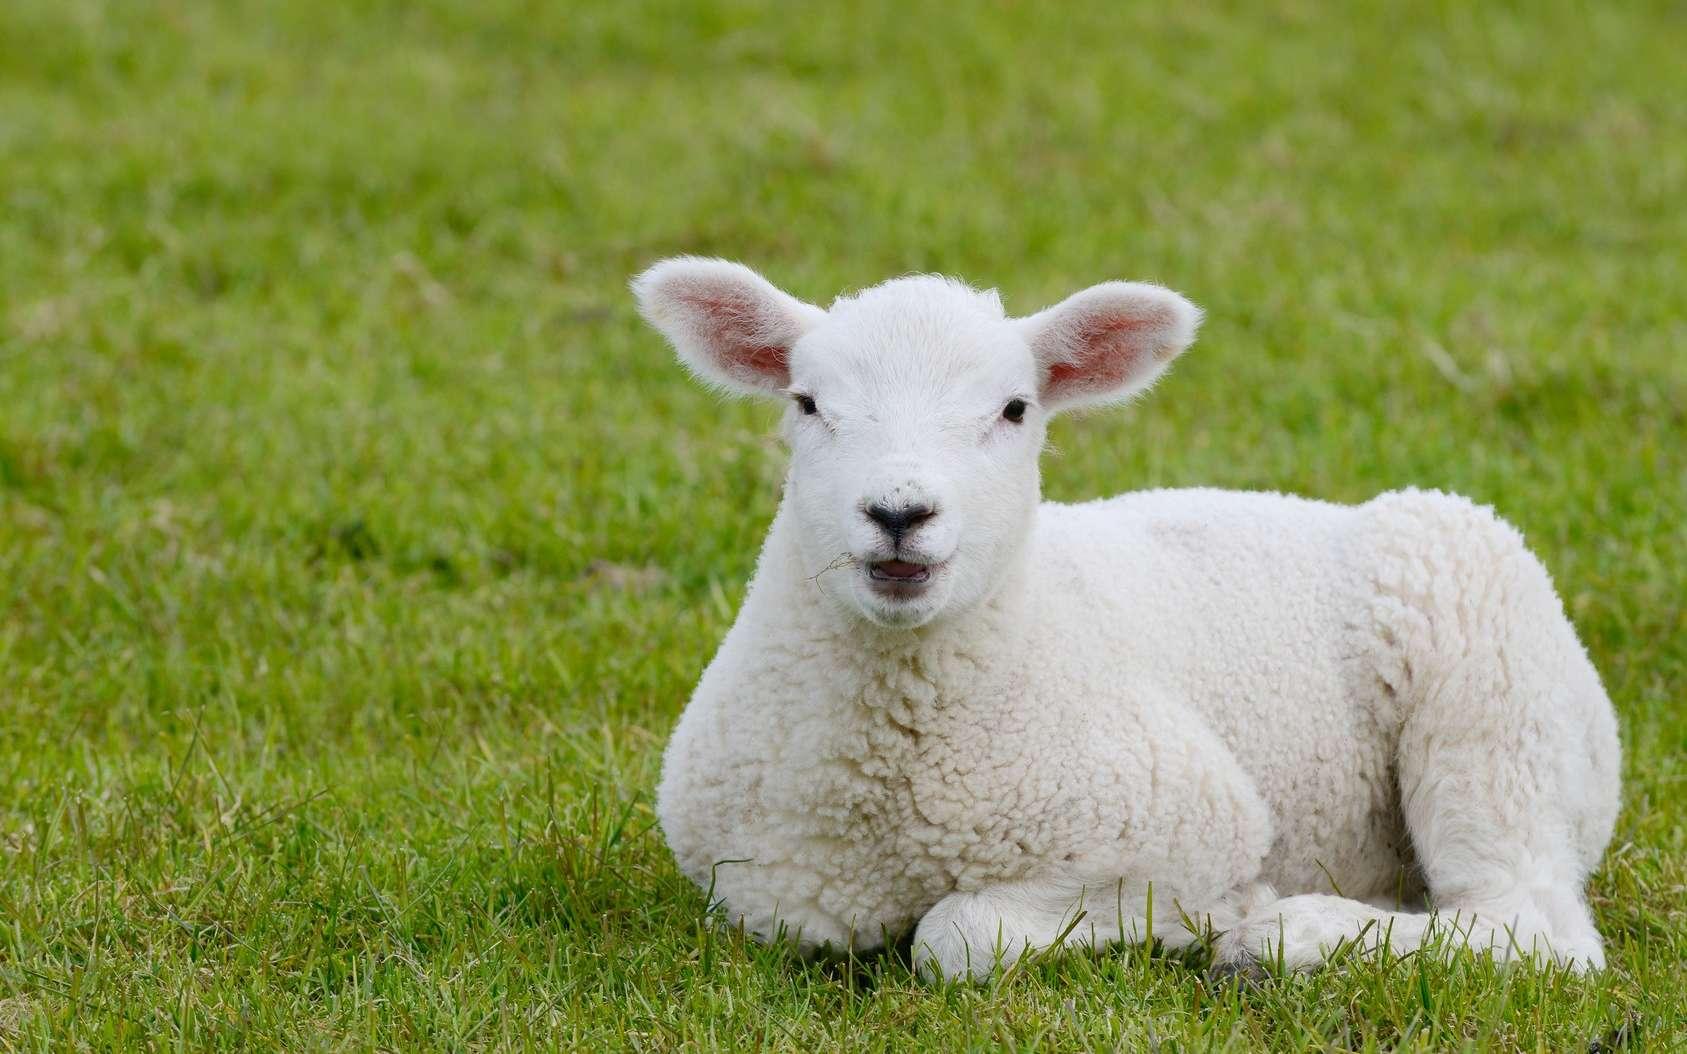 Un hybride homme-mouton pour fabriquer des organes humains, est-ce une bonne idée ? © Carola Schubbel, Fotolia